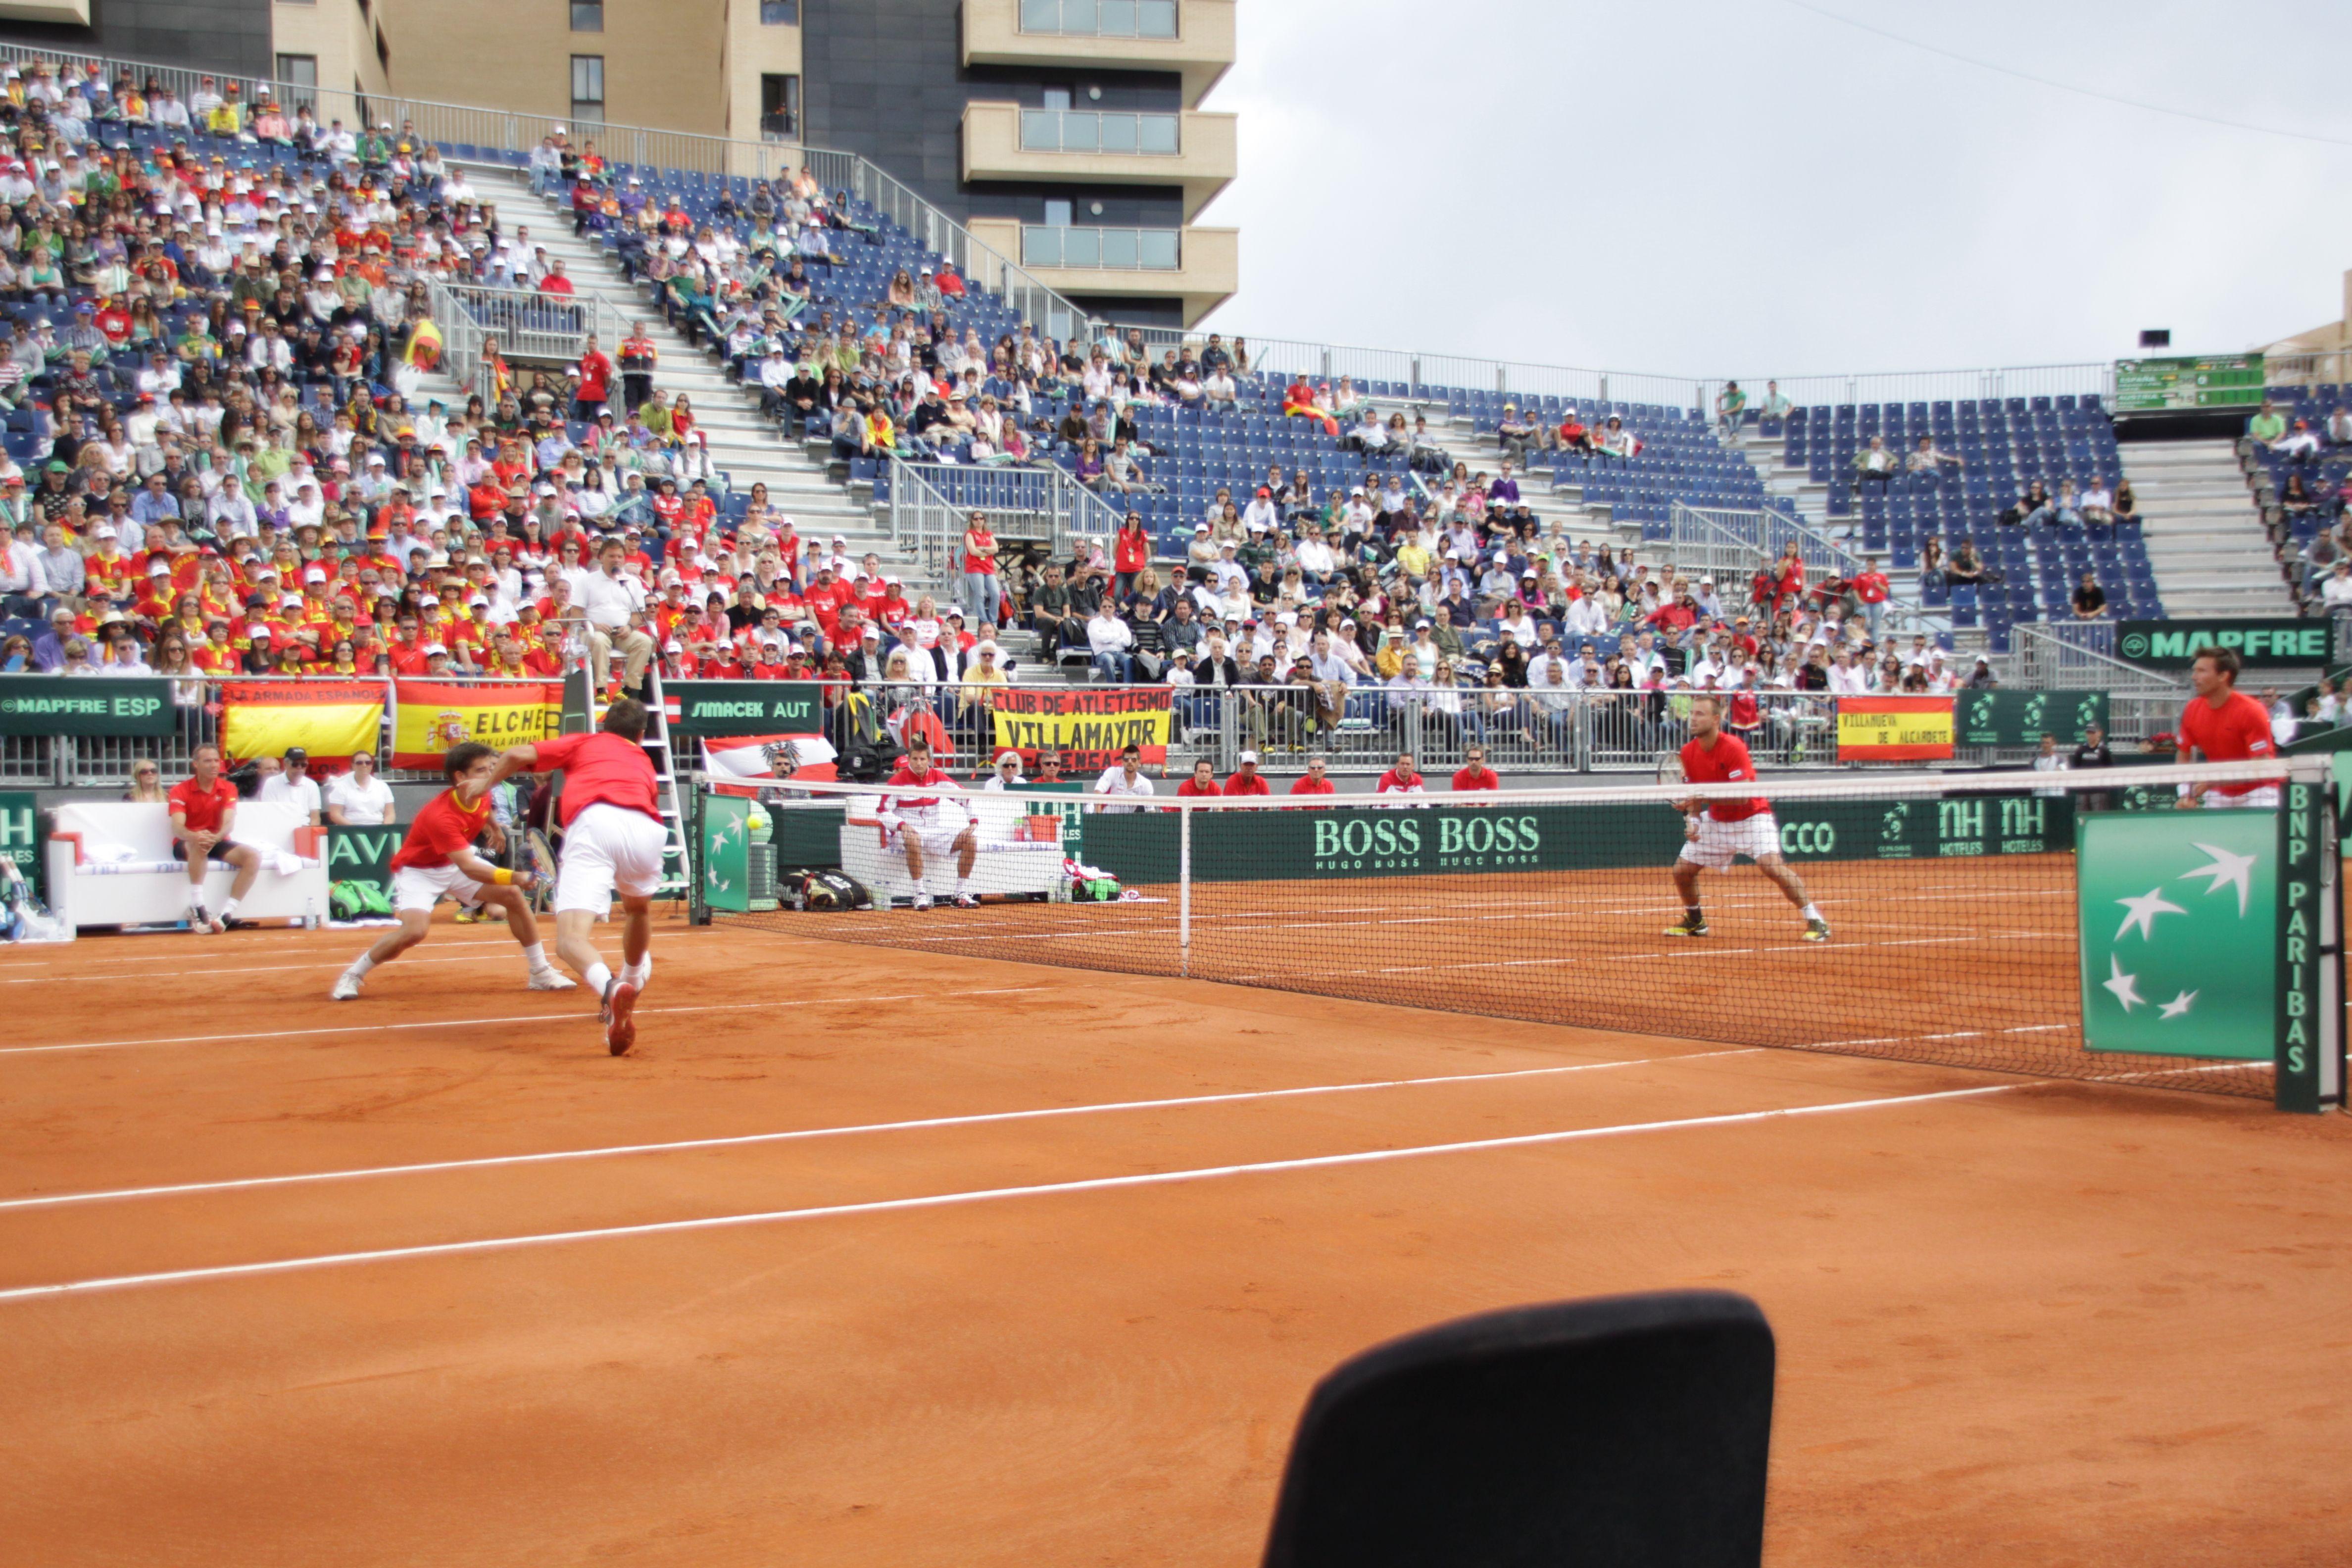 Parejas de dobles terminando el punto en la red. Copa Davis. Cuartos de Final 2012. España vs. Austria